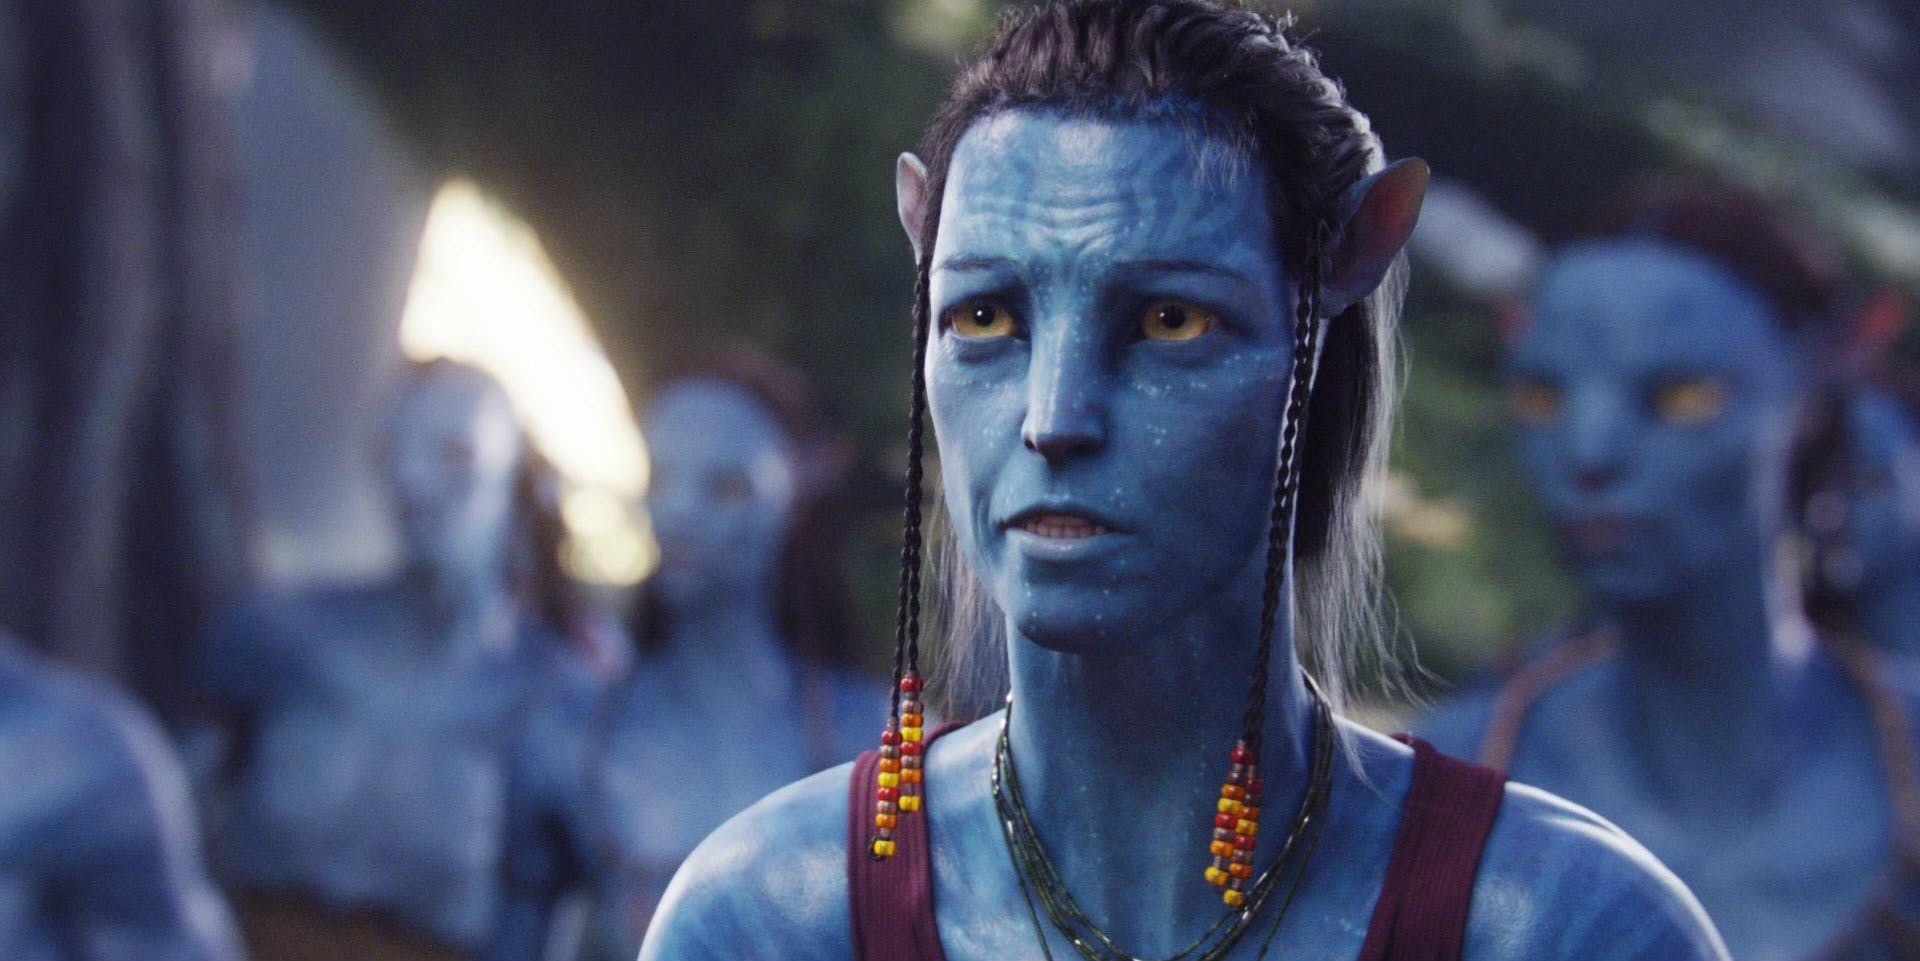 Avatar-Sigourney-Weaver avatar sequels